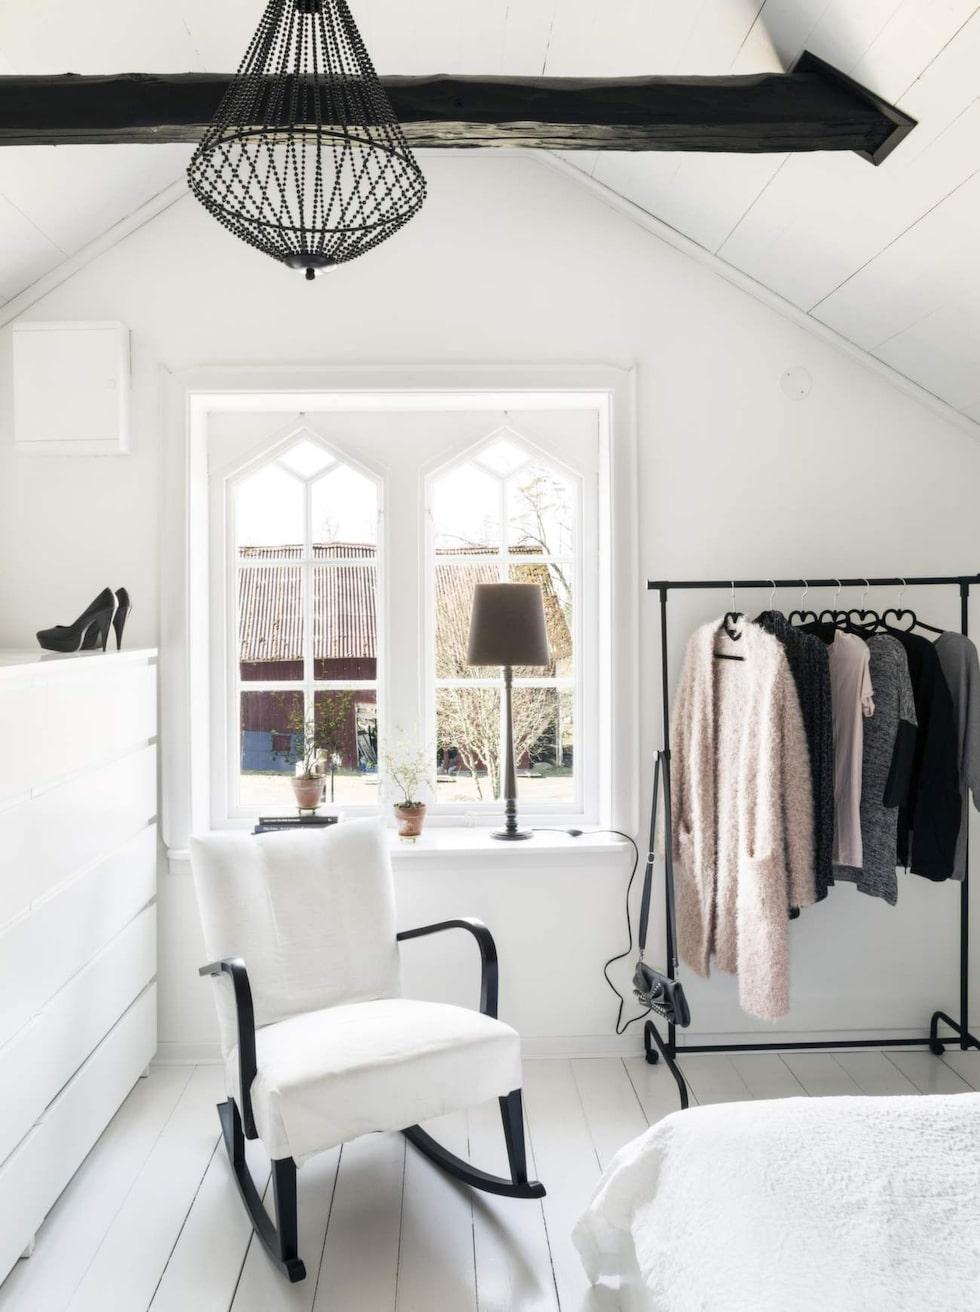 Parets sovrum har tak upp till nock med synliga bjälkar som har vaxats mörka för att skapa kontrast till den vita inredningen.